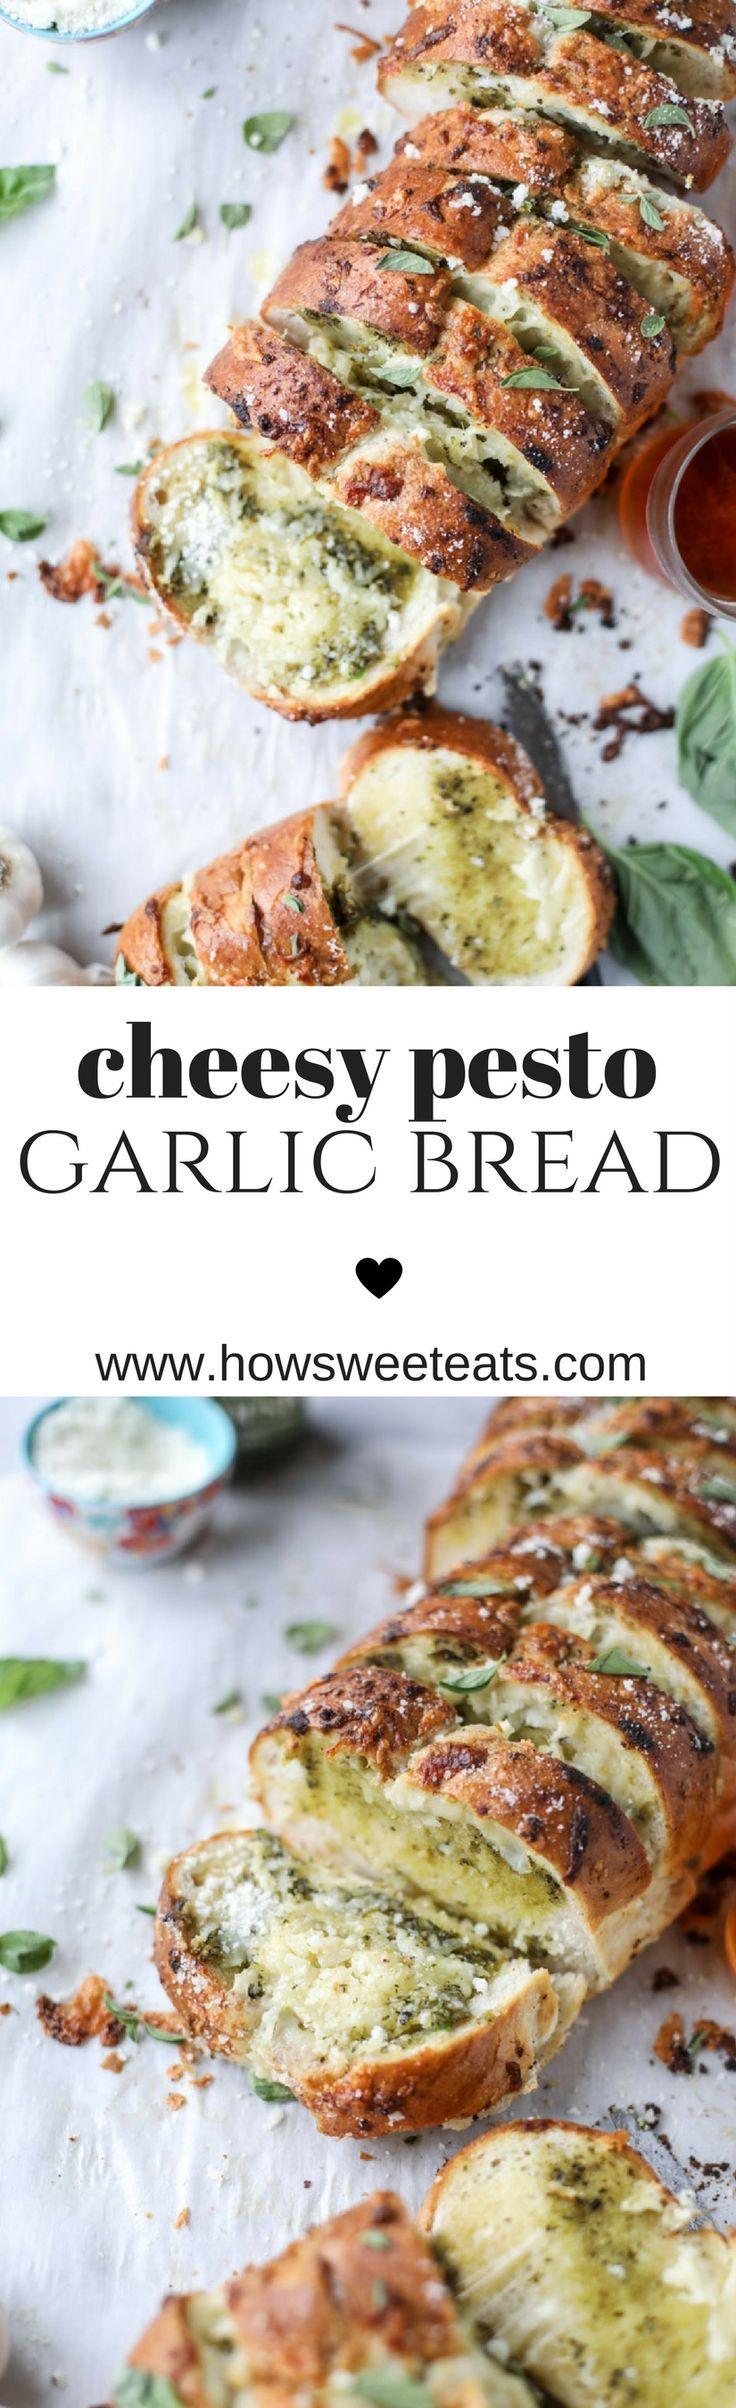 Cheesy Pesto Garlic Bread (video!) I howsweeteats.com